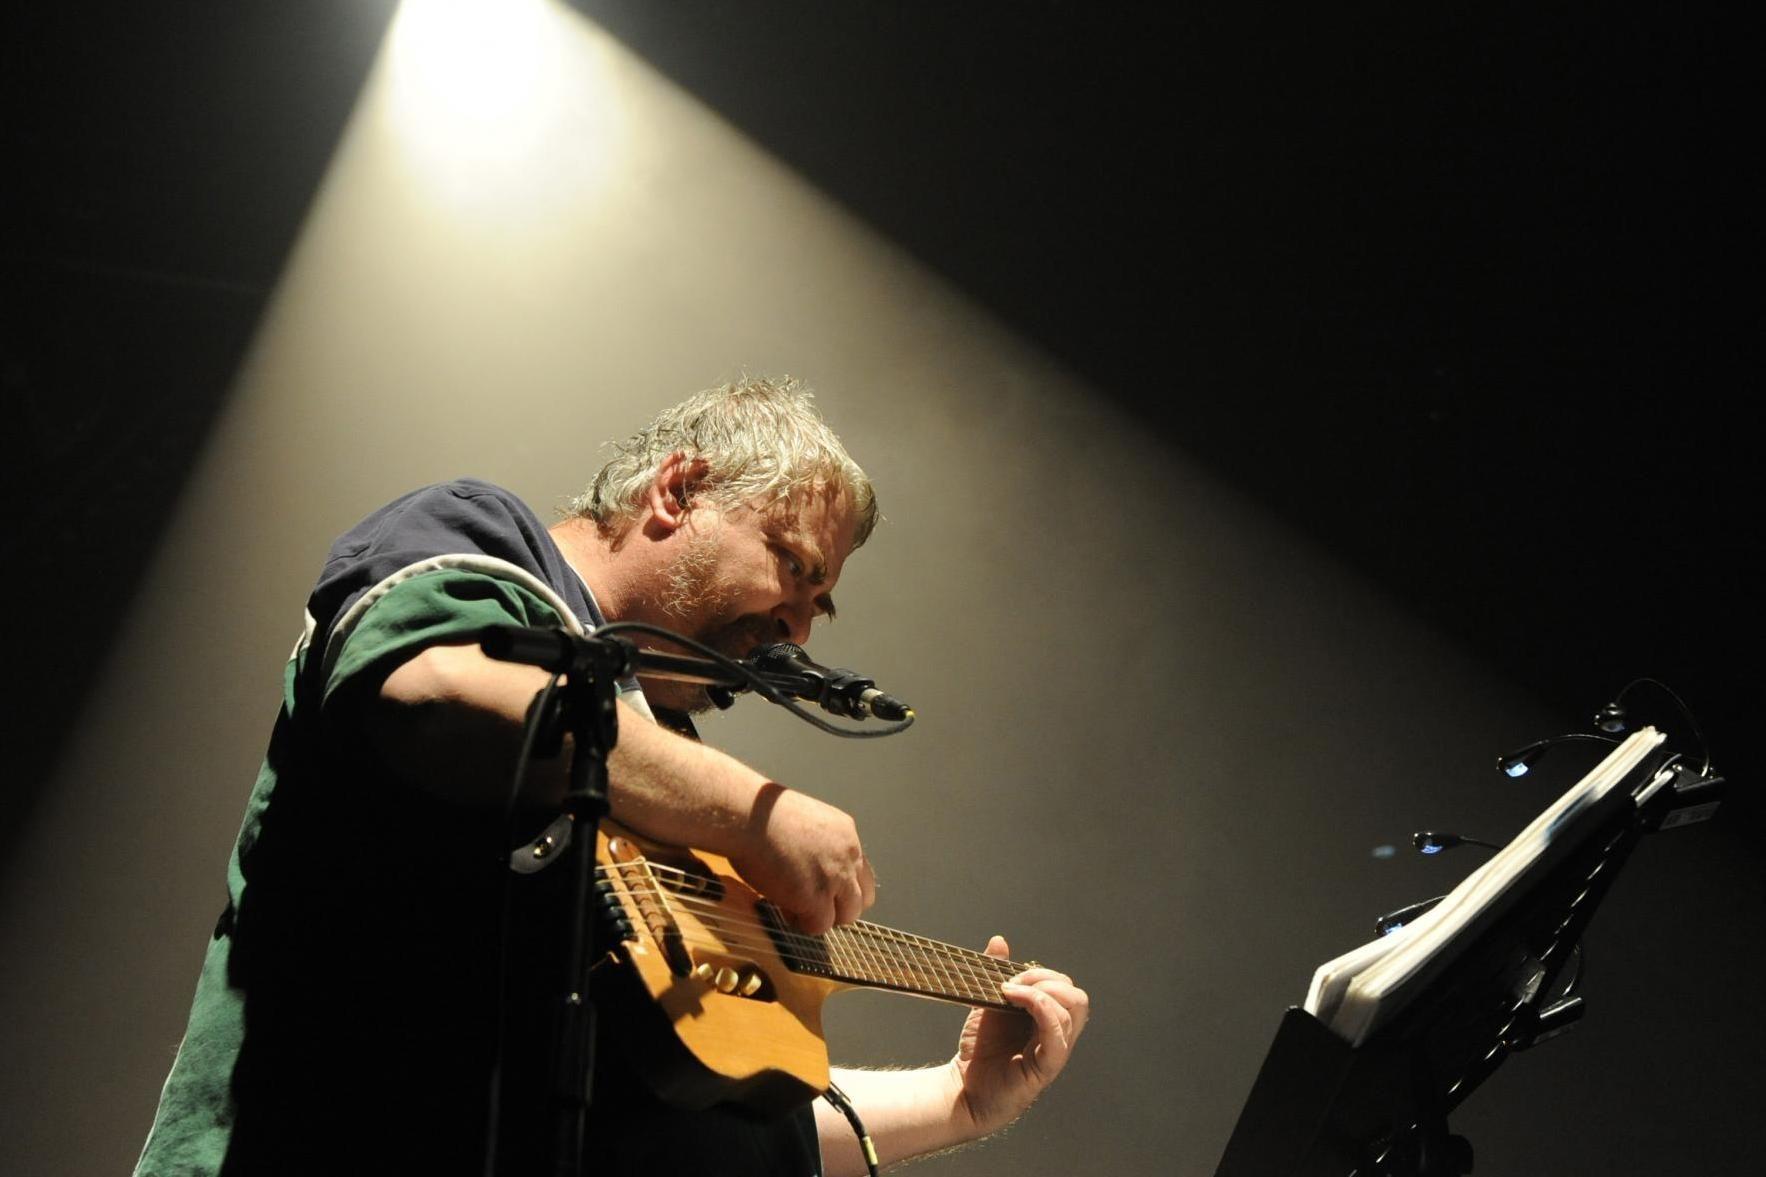 Singer Daniel Johnston dies, age 58